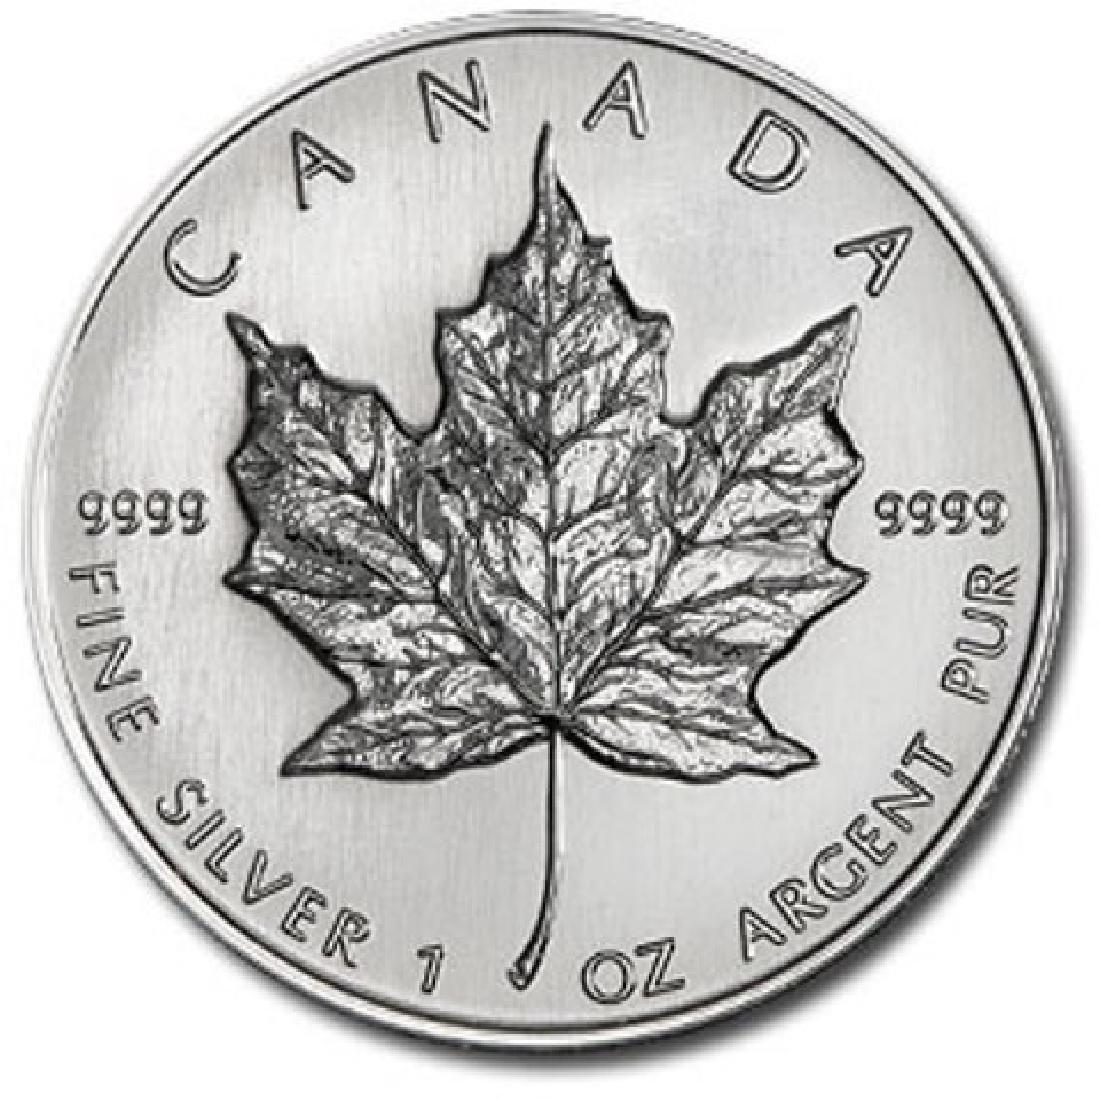 1 oz Silver Maple Leaf Random Date